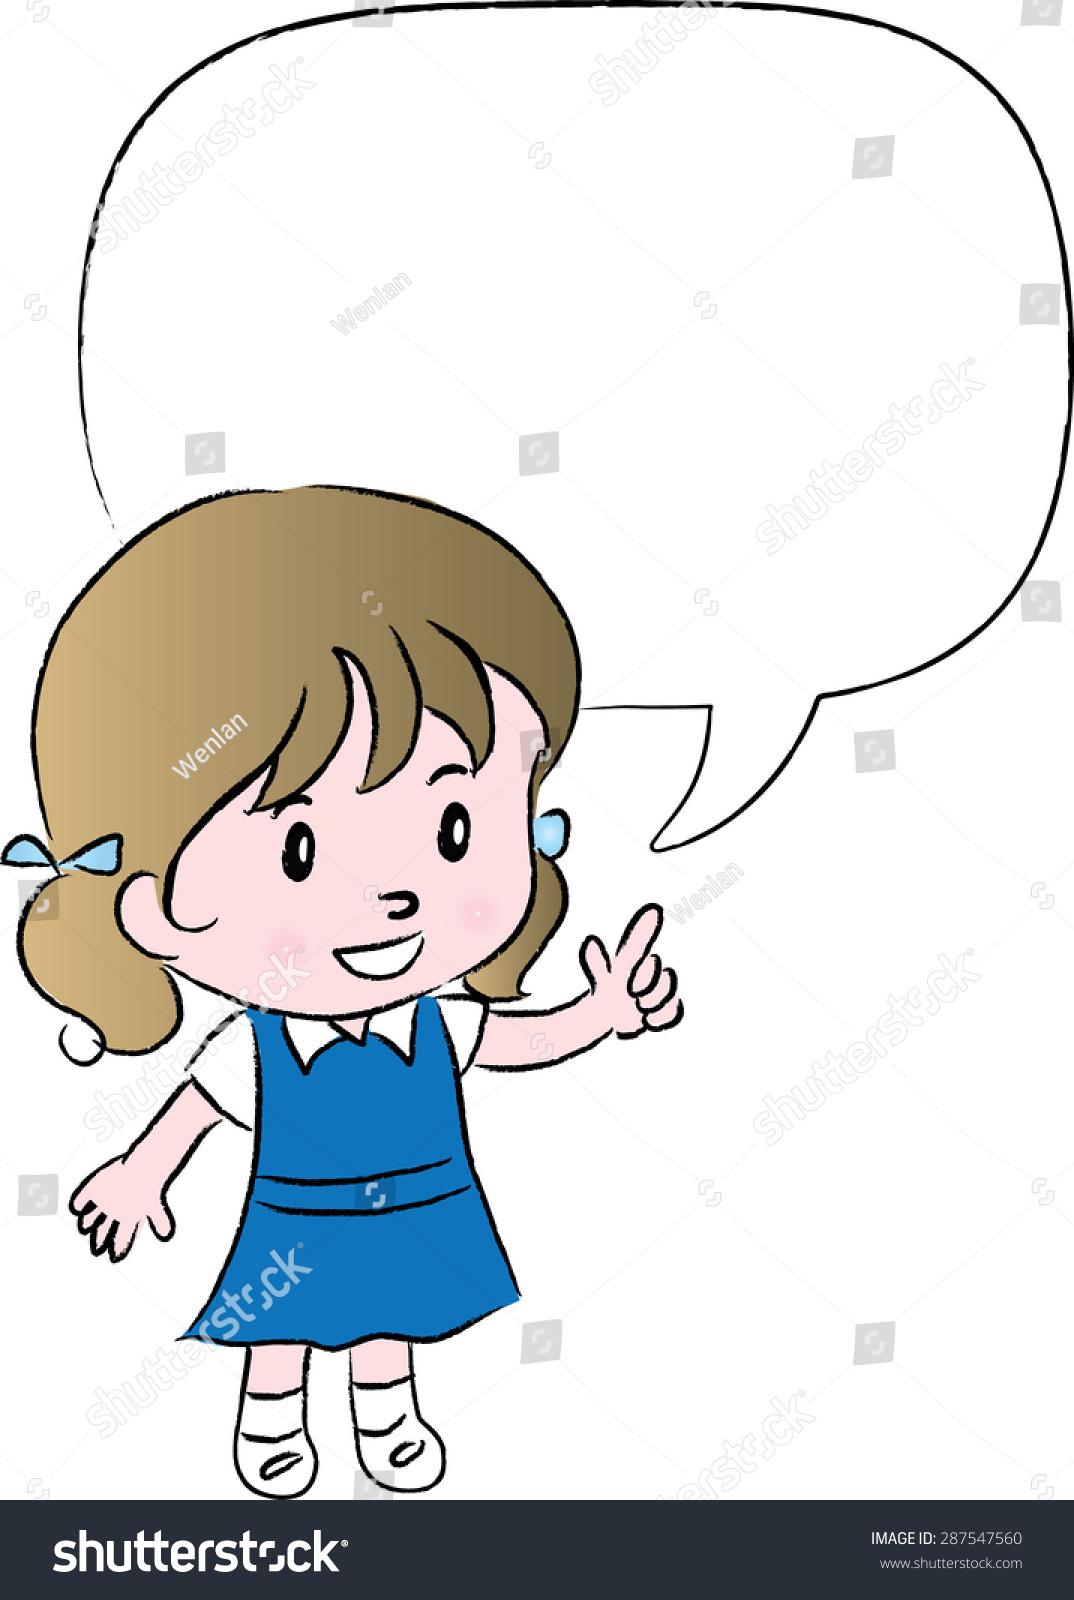 Šola dekle pogovor prazen mehurček govora Vector Vector 287547560 - Shutterstock-5721